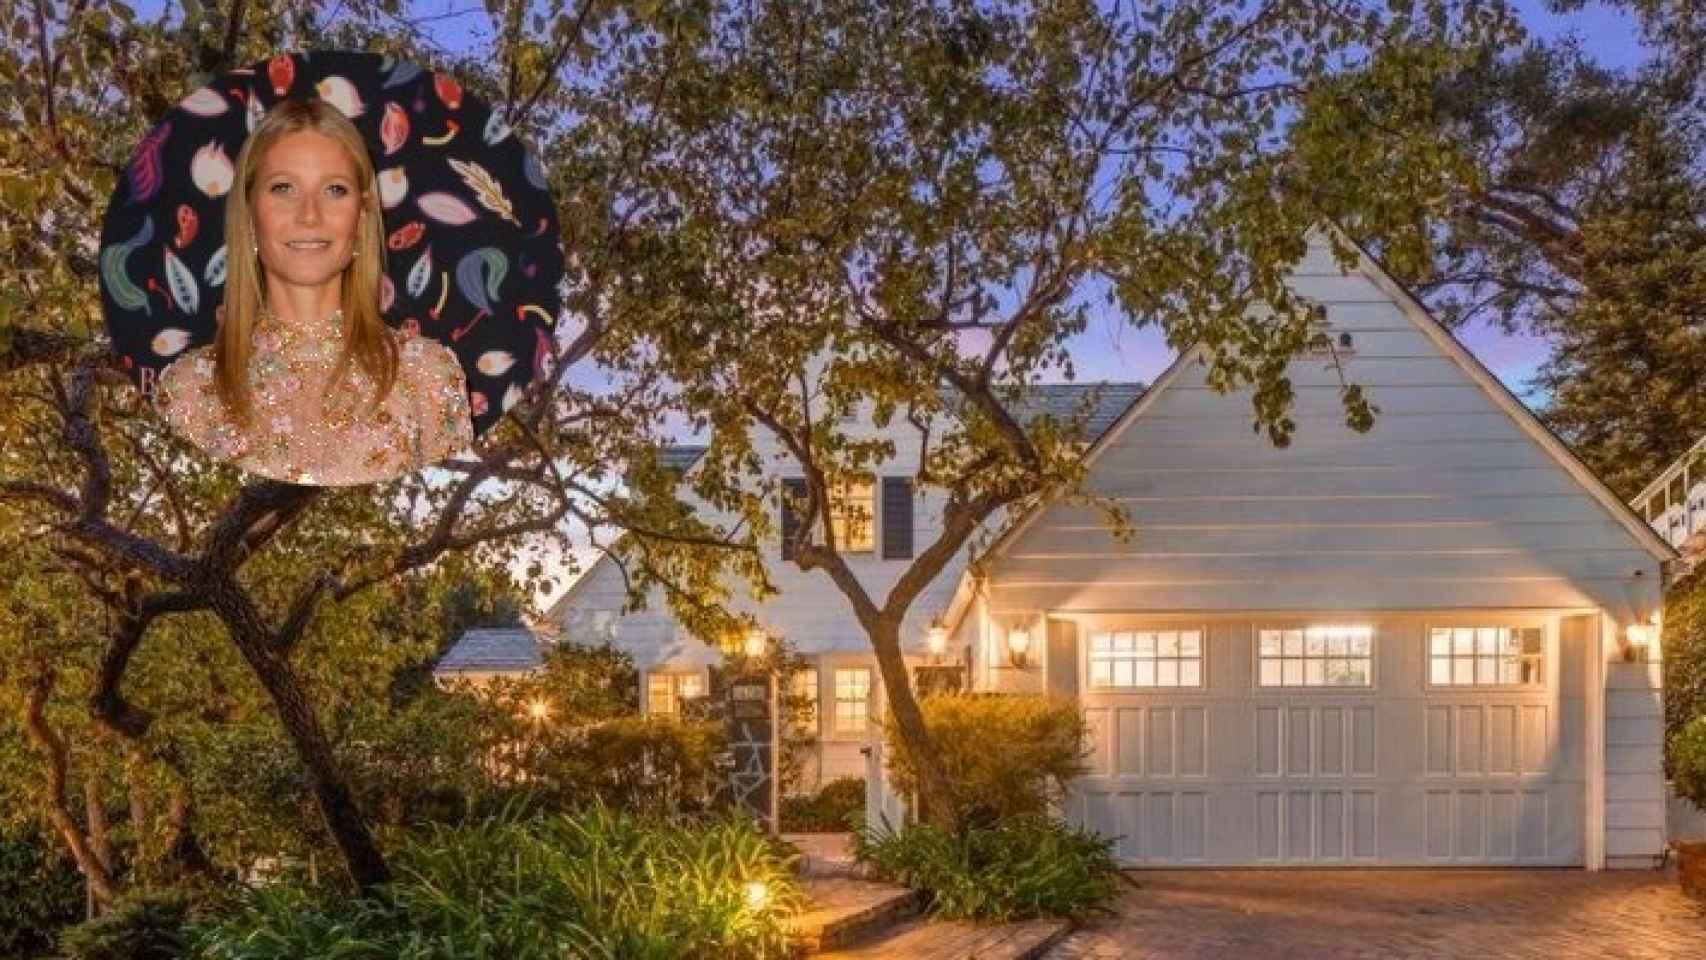 El exterior de la casa en la que Gwyneth Paltrow pasó su infancia.